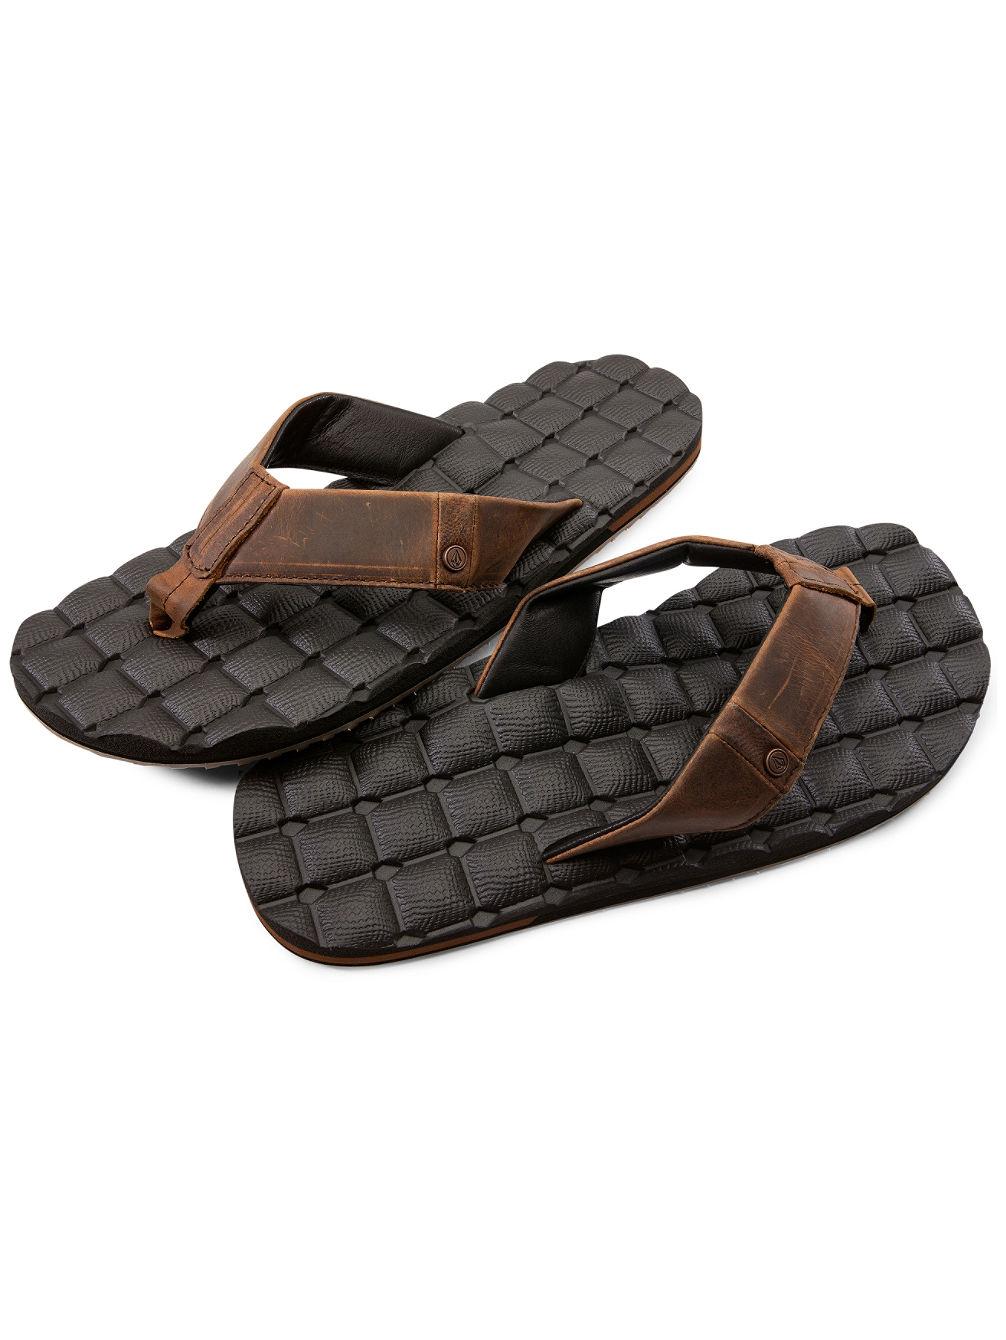 recliner-lthr-sandals